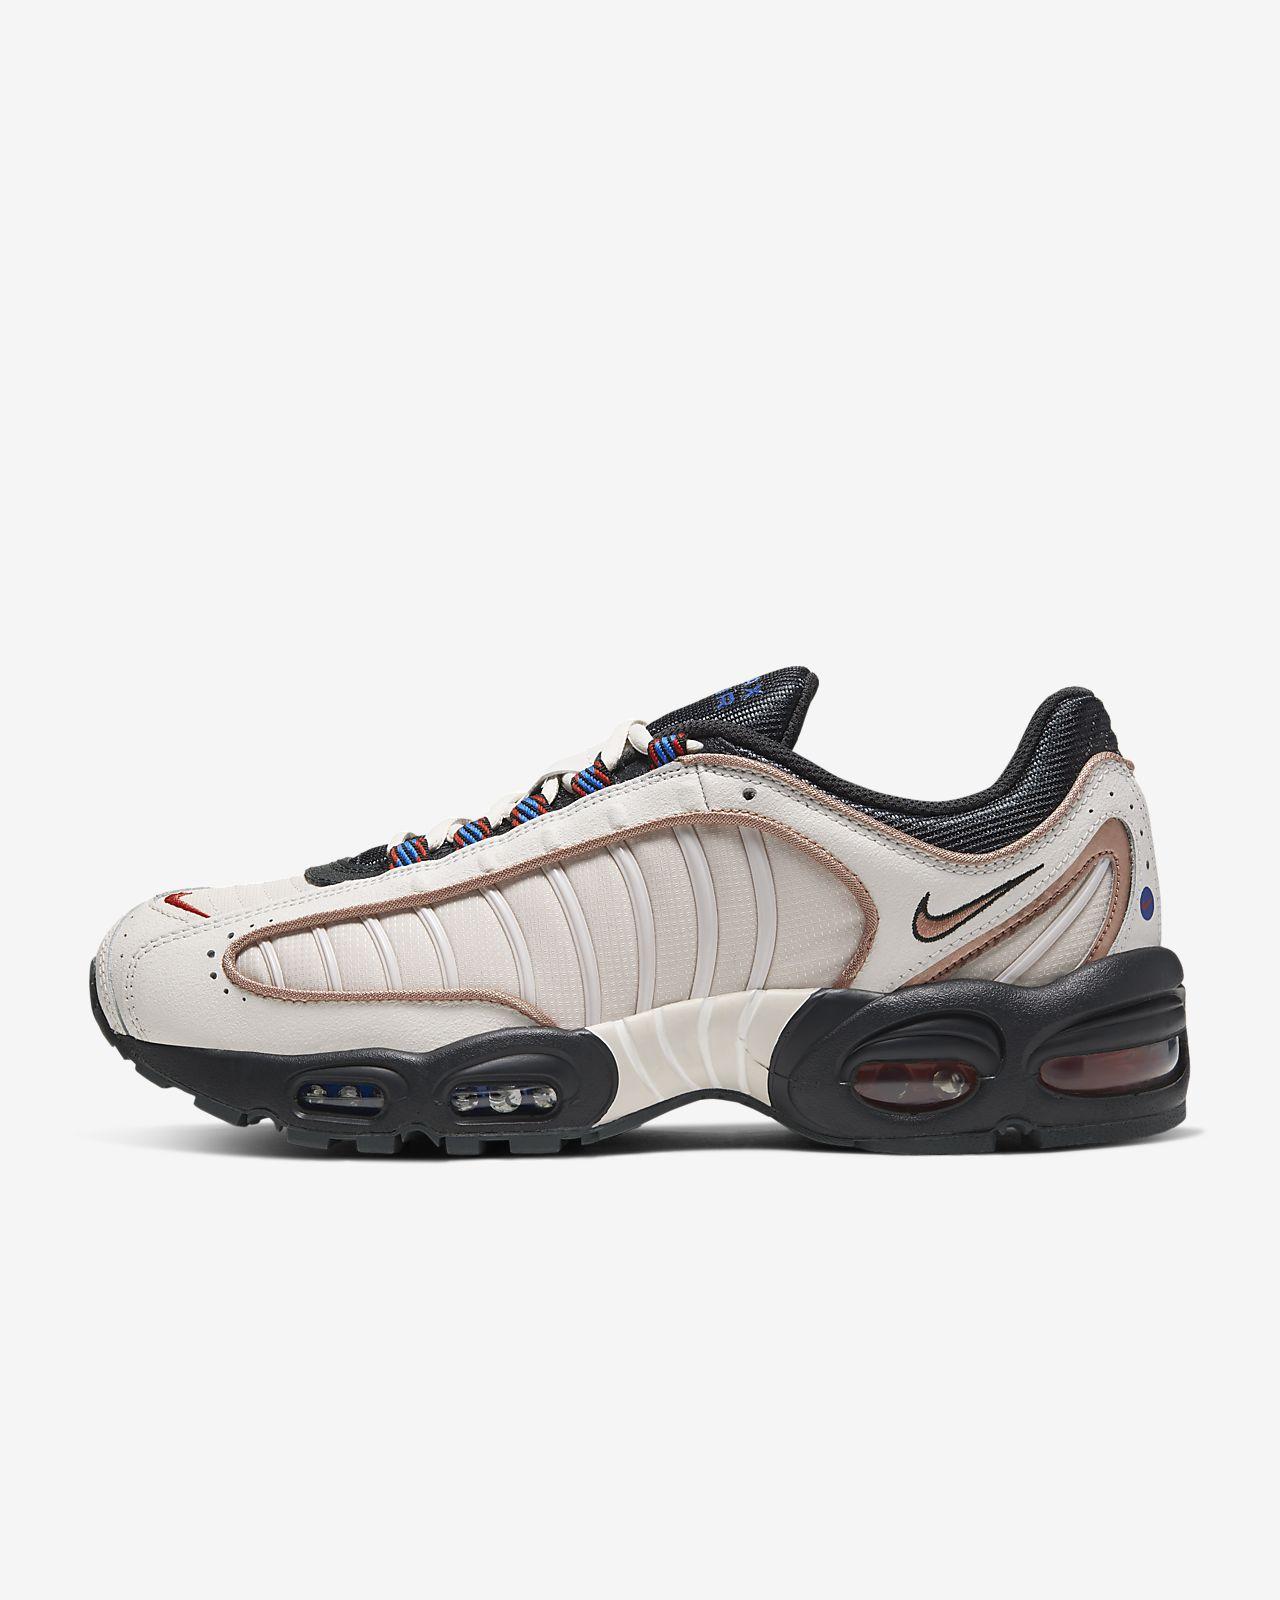 รองเท้าผู้ชาย Nike Air Max Tailwind IV SE